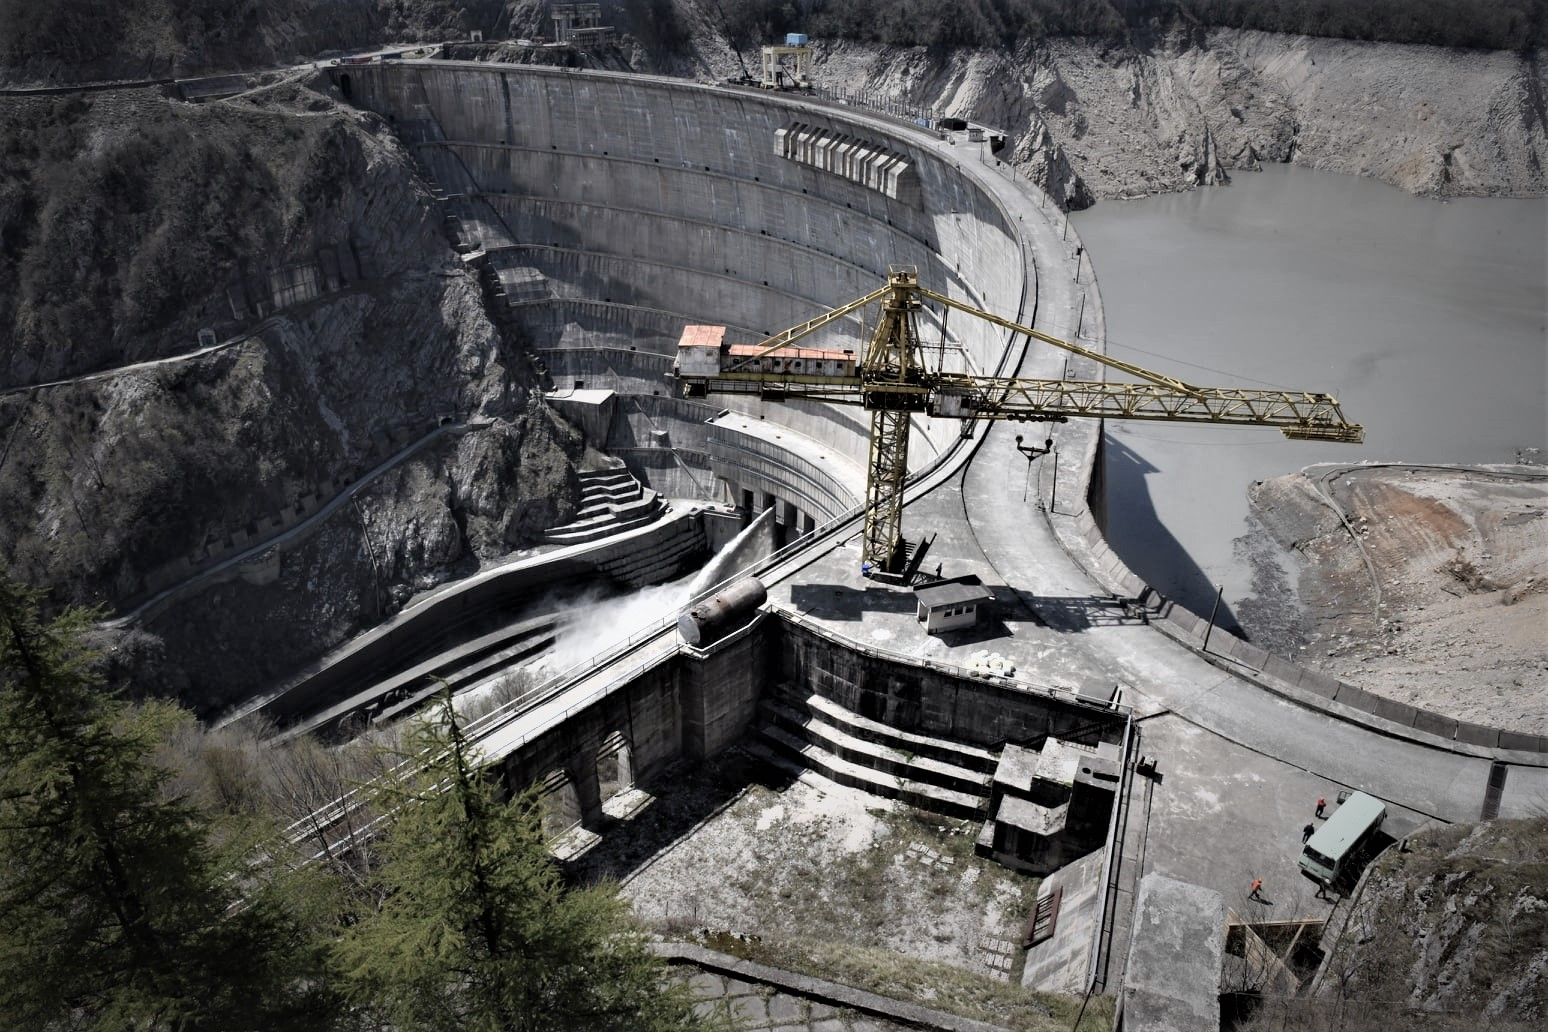 174263270 5657688890937749 2811850172507957708 n #общество featured, Абхазия, Ингури ГЭС, Паата Закареишвили, энергетика